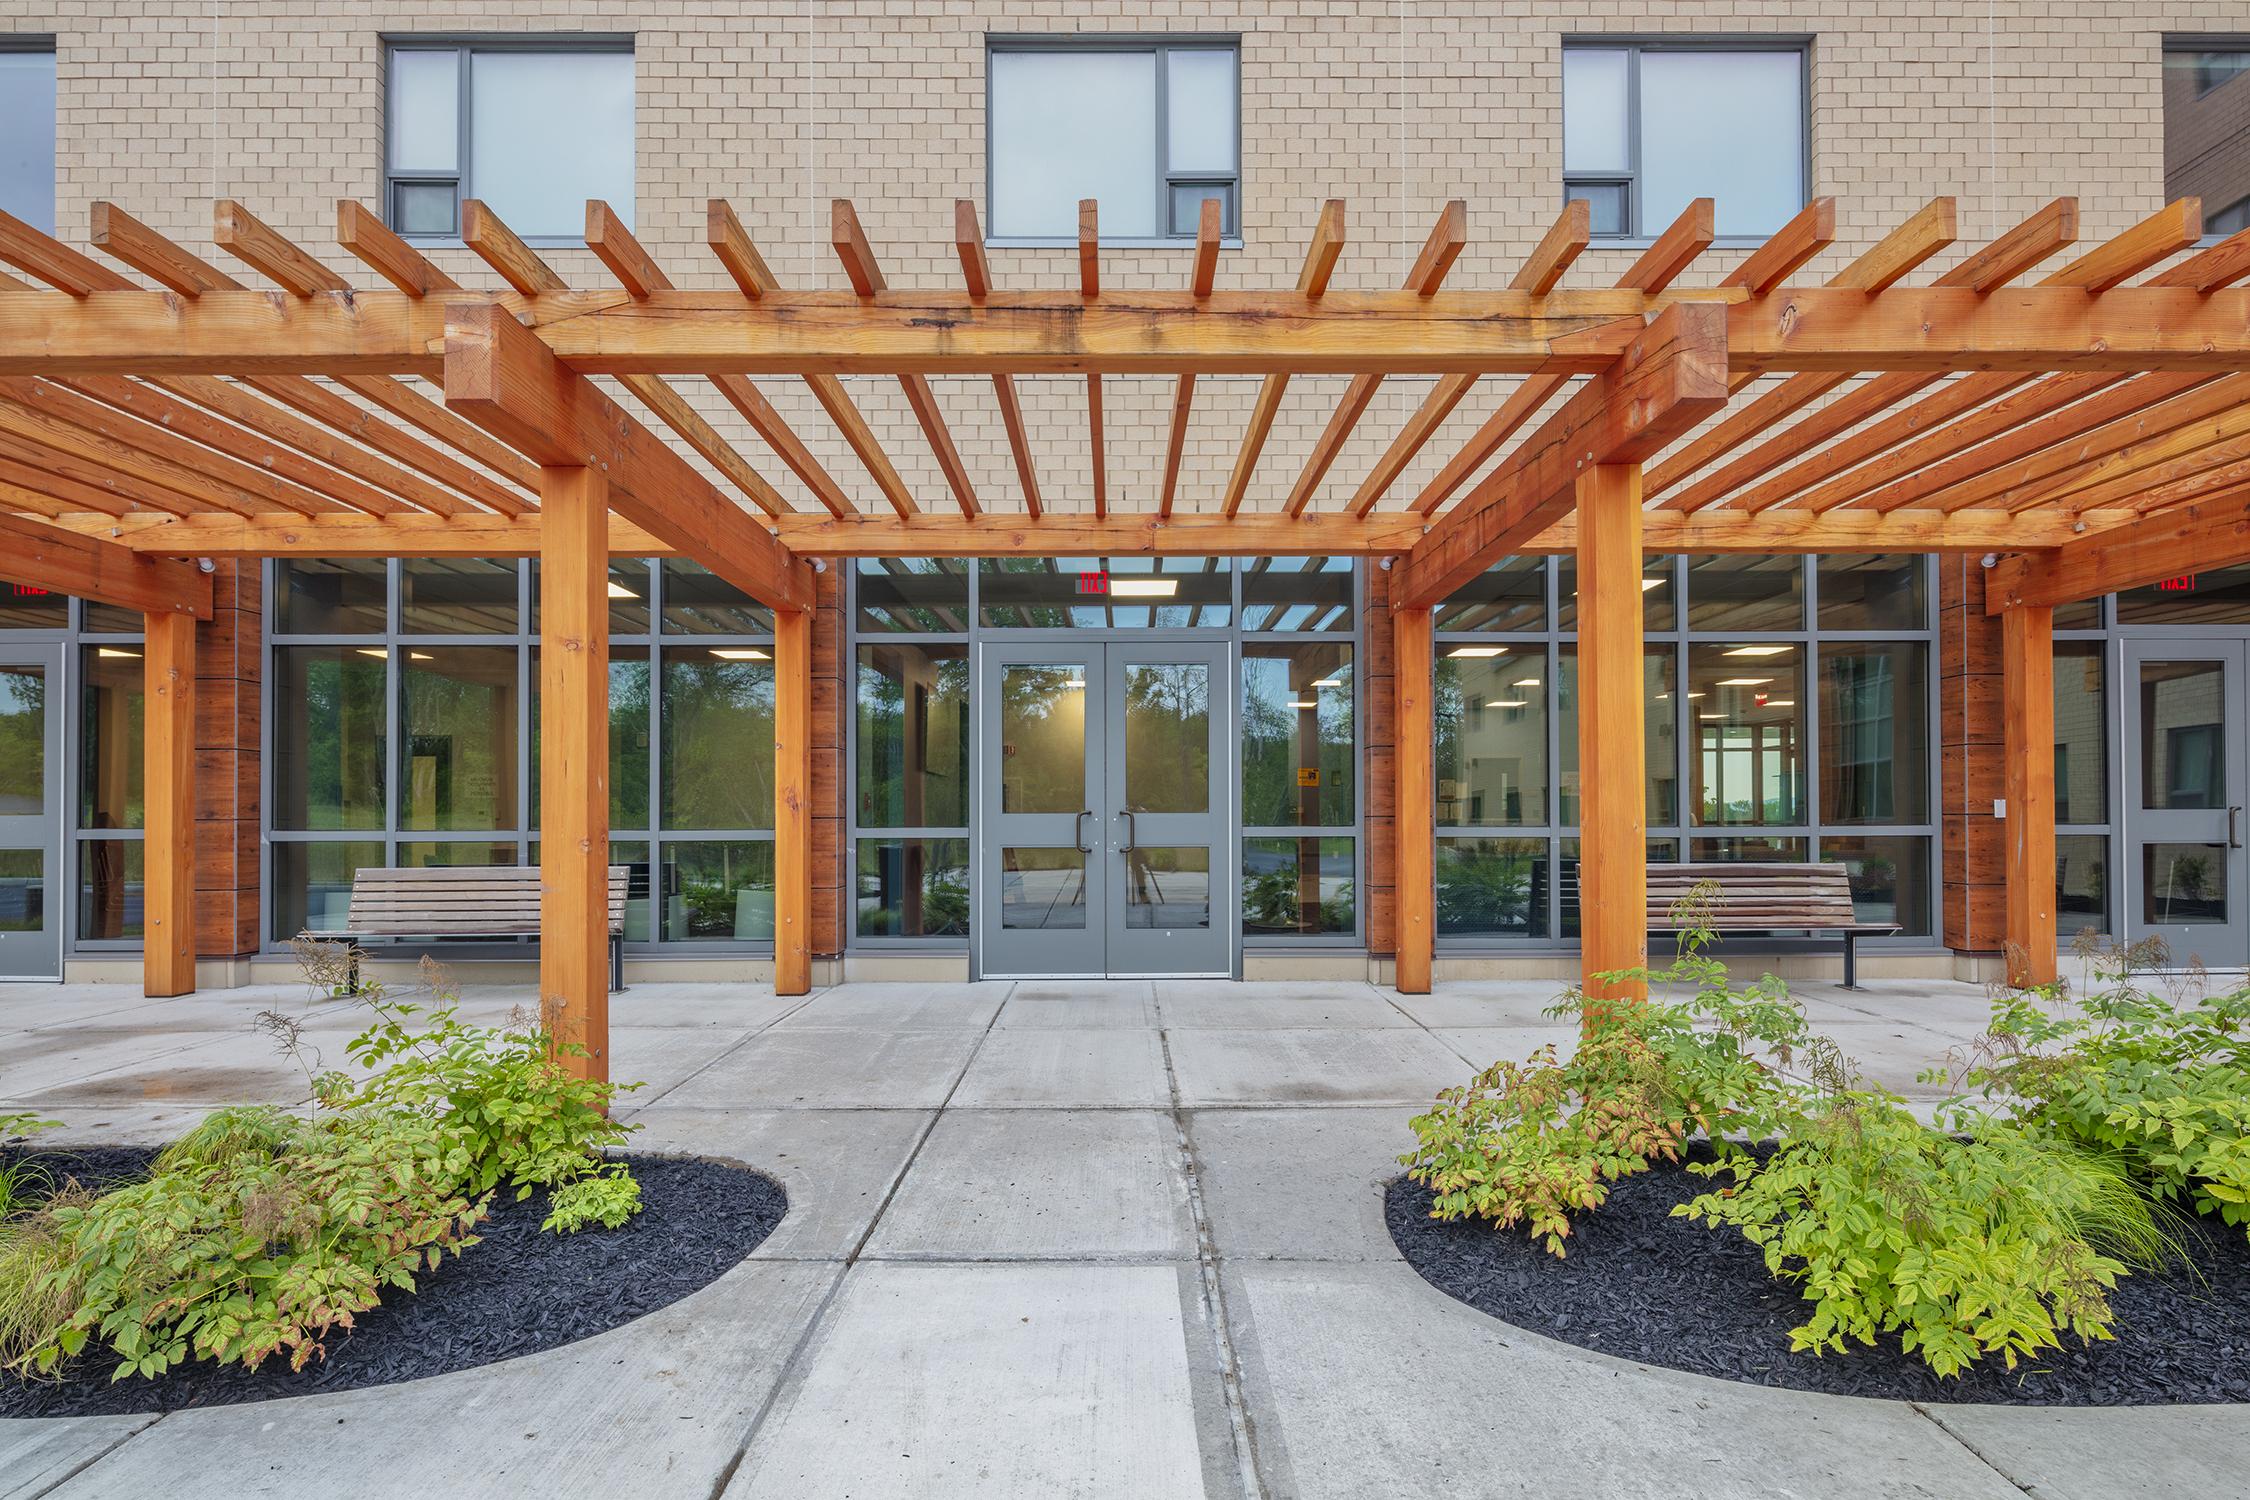 SUNY Poly Residence Hall